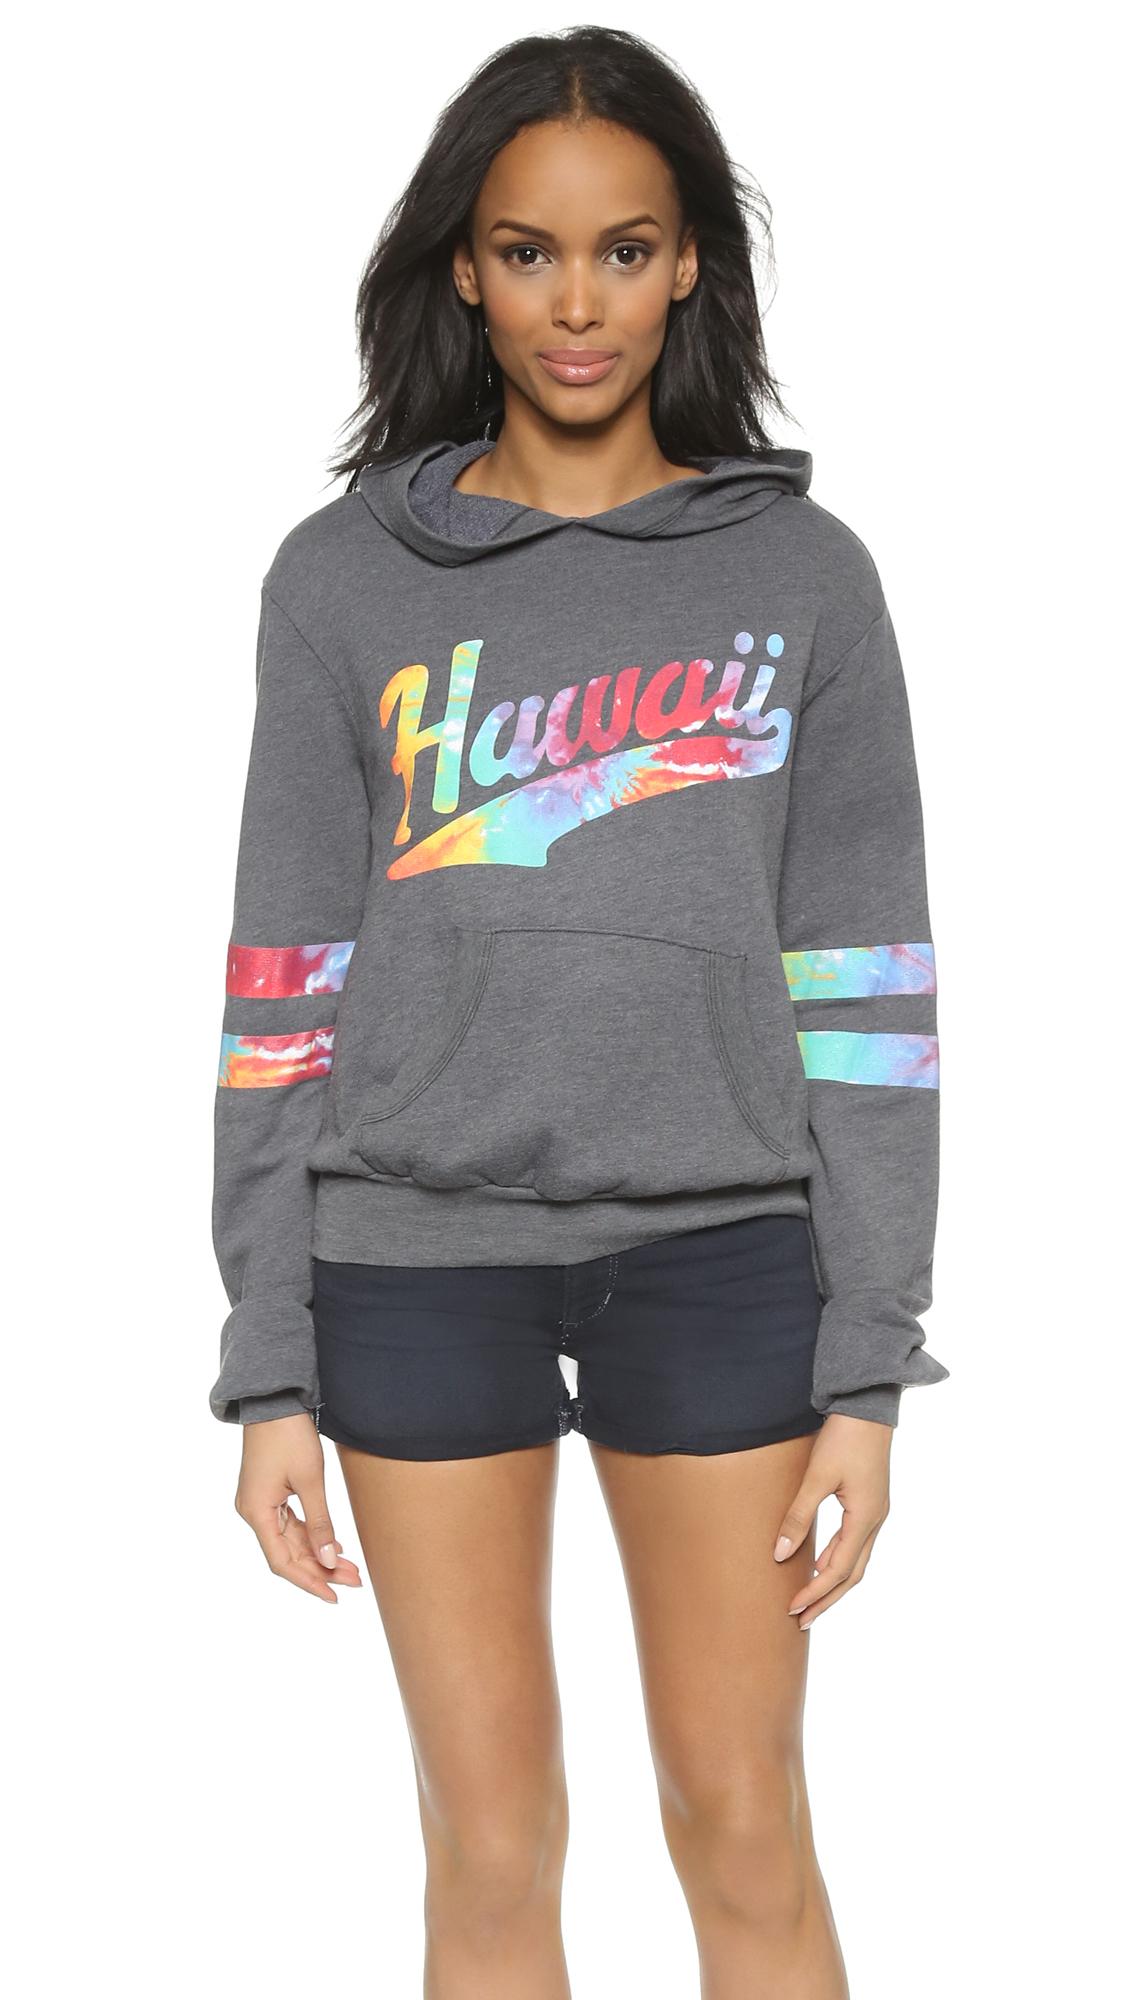 Hawaiian hoodies